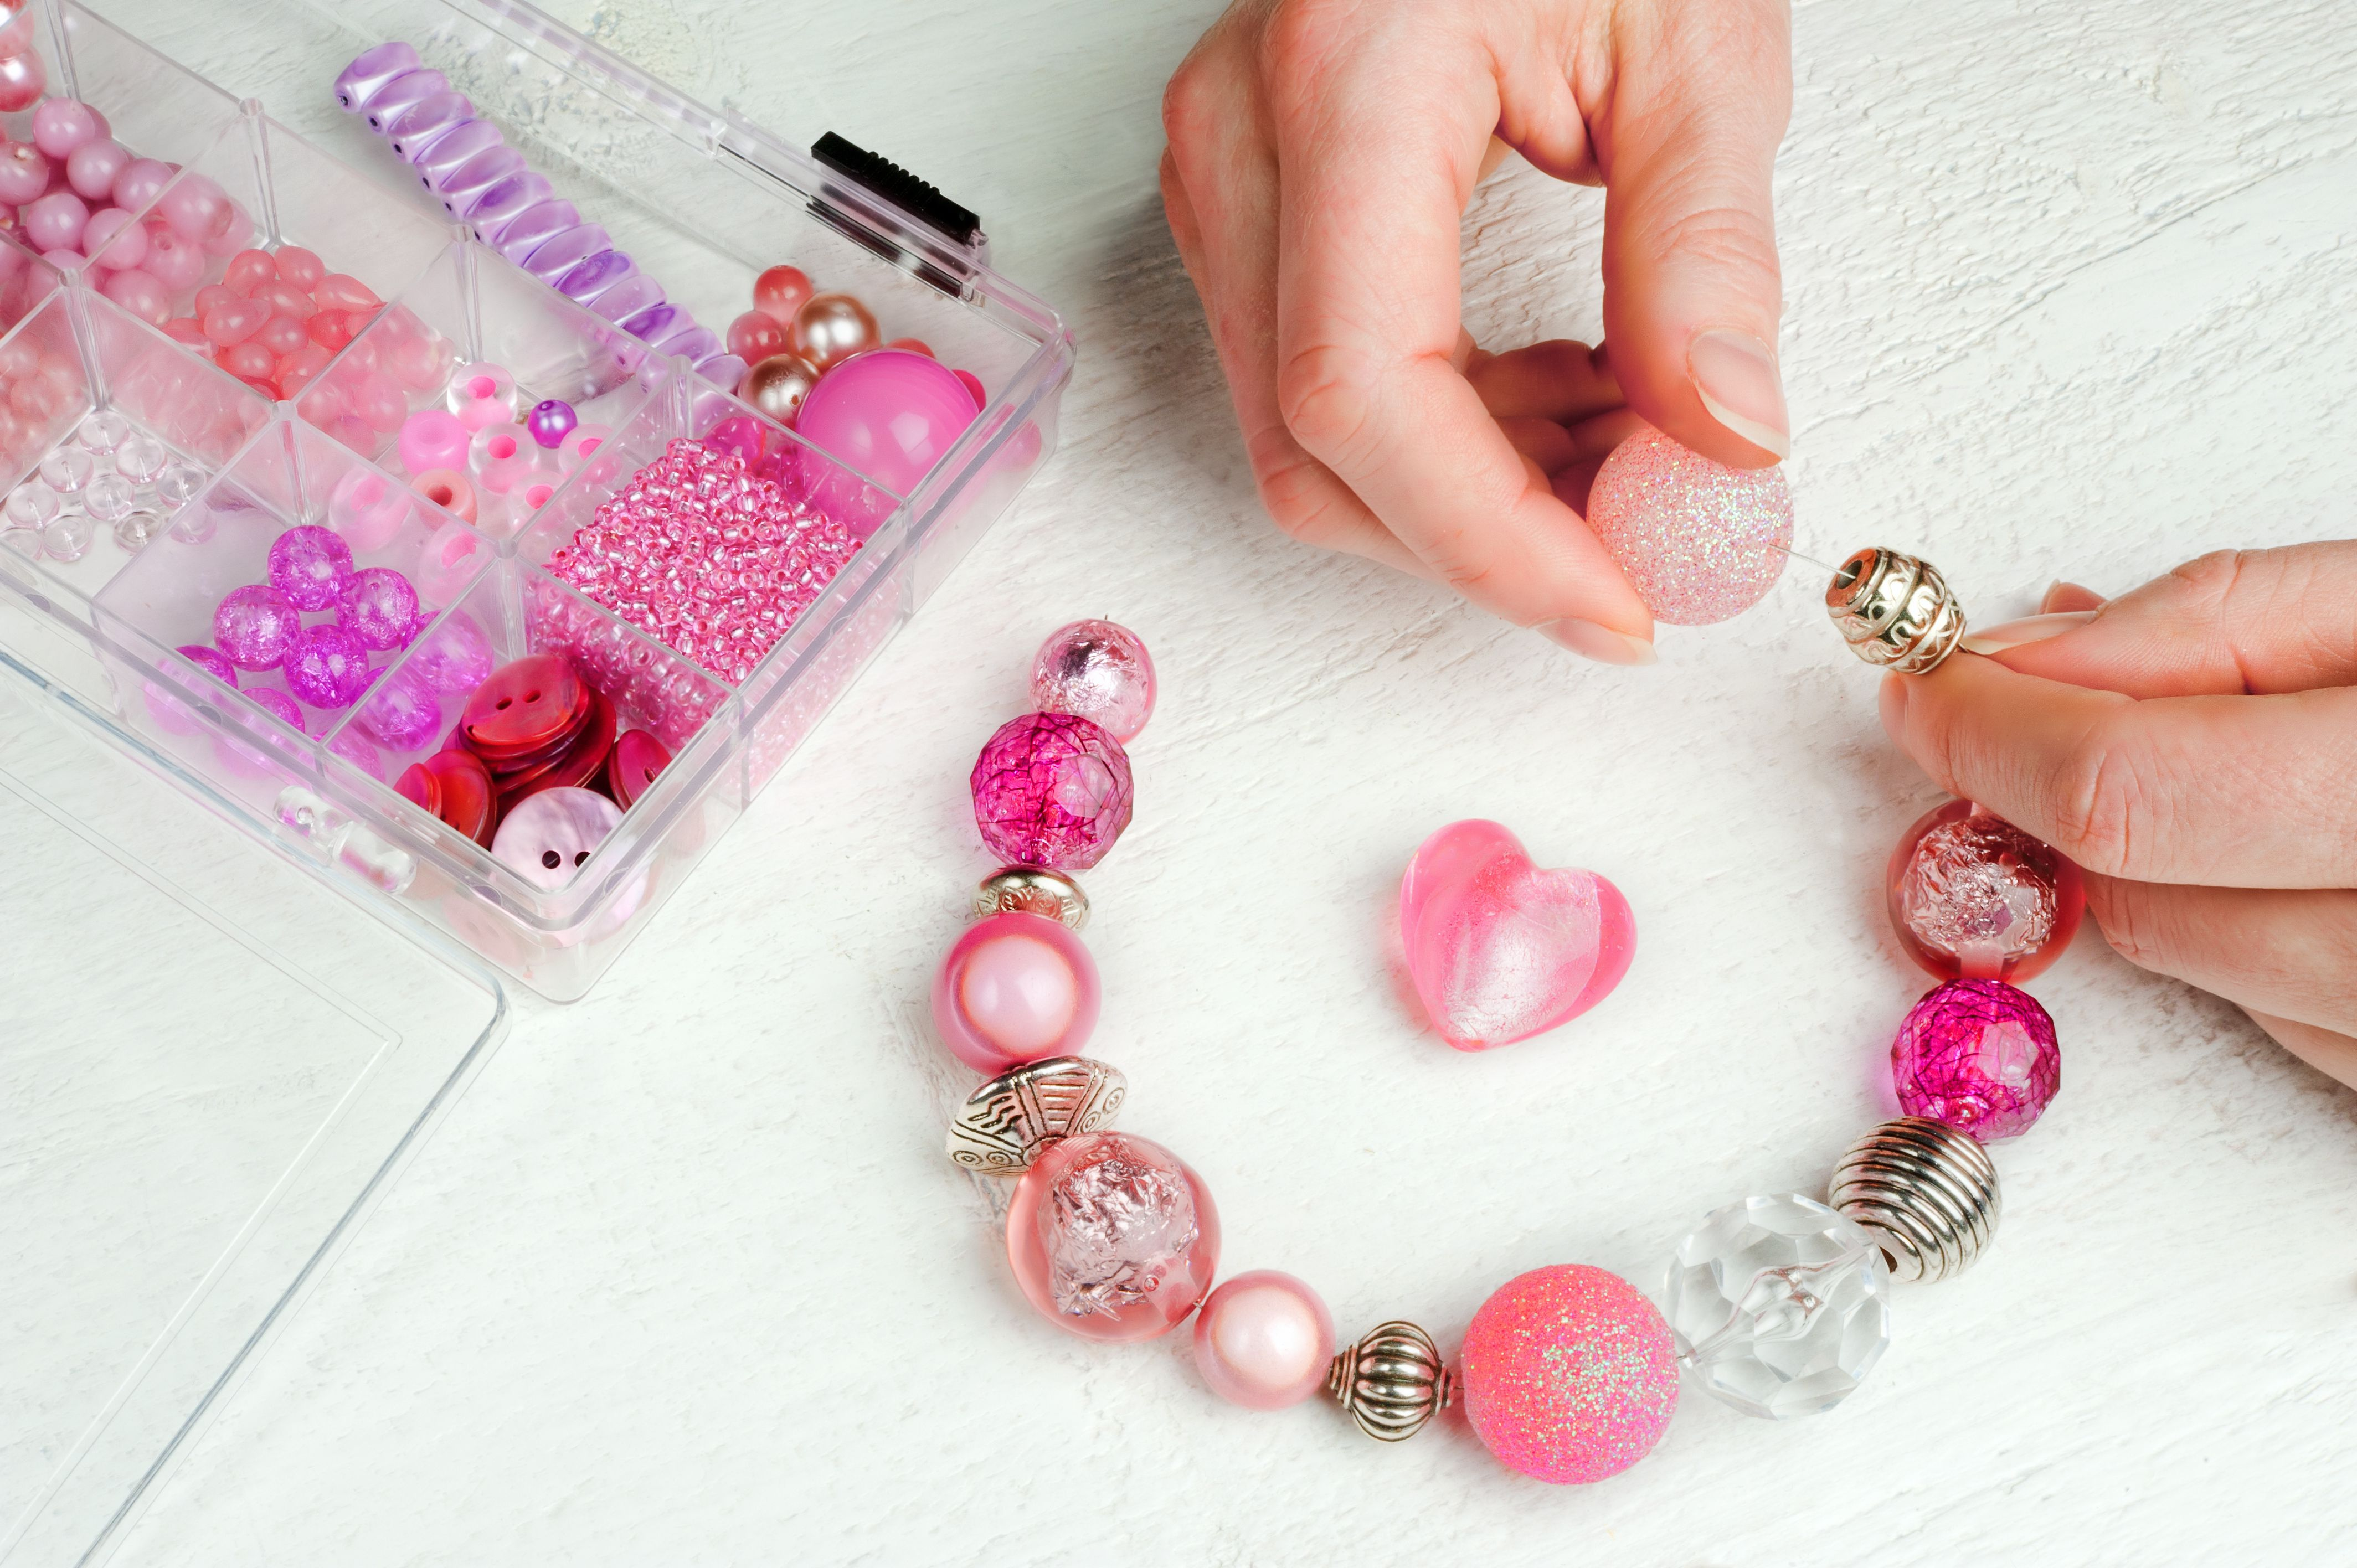 Hobbyist homemaking beaded jewelry